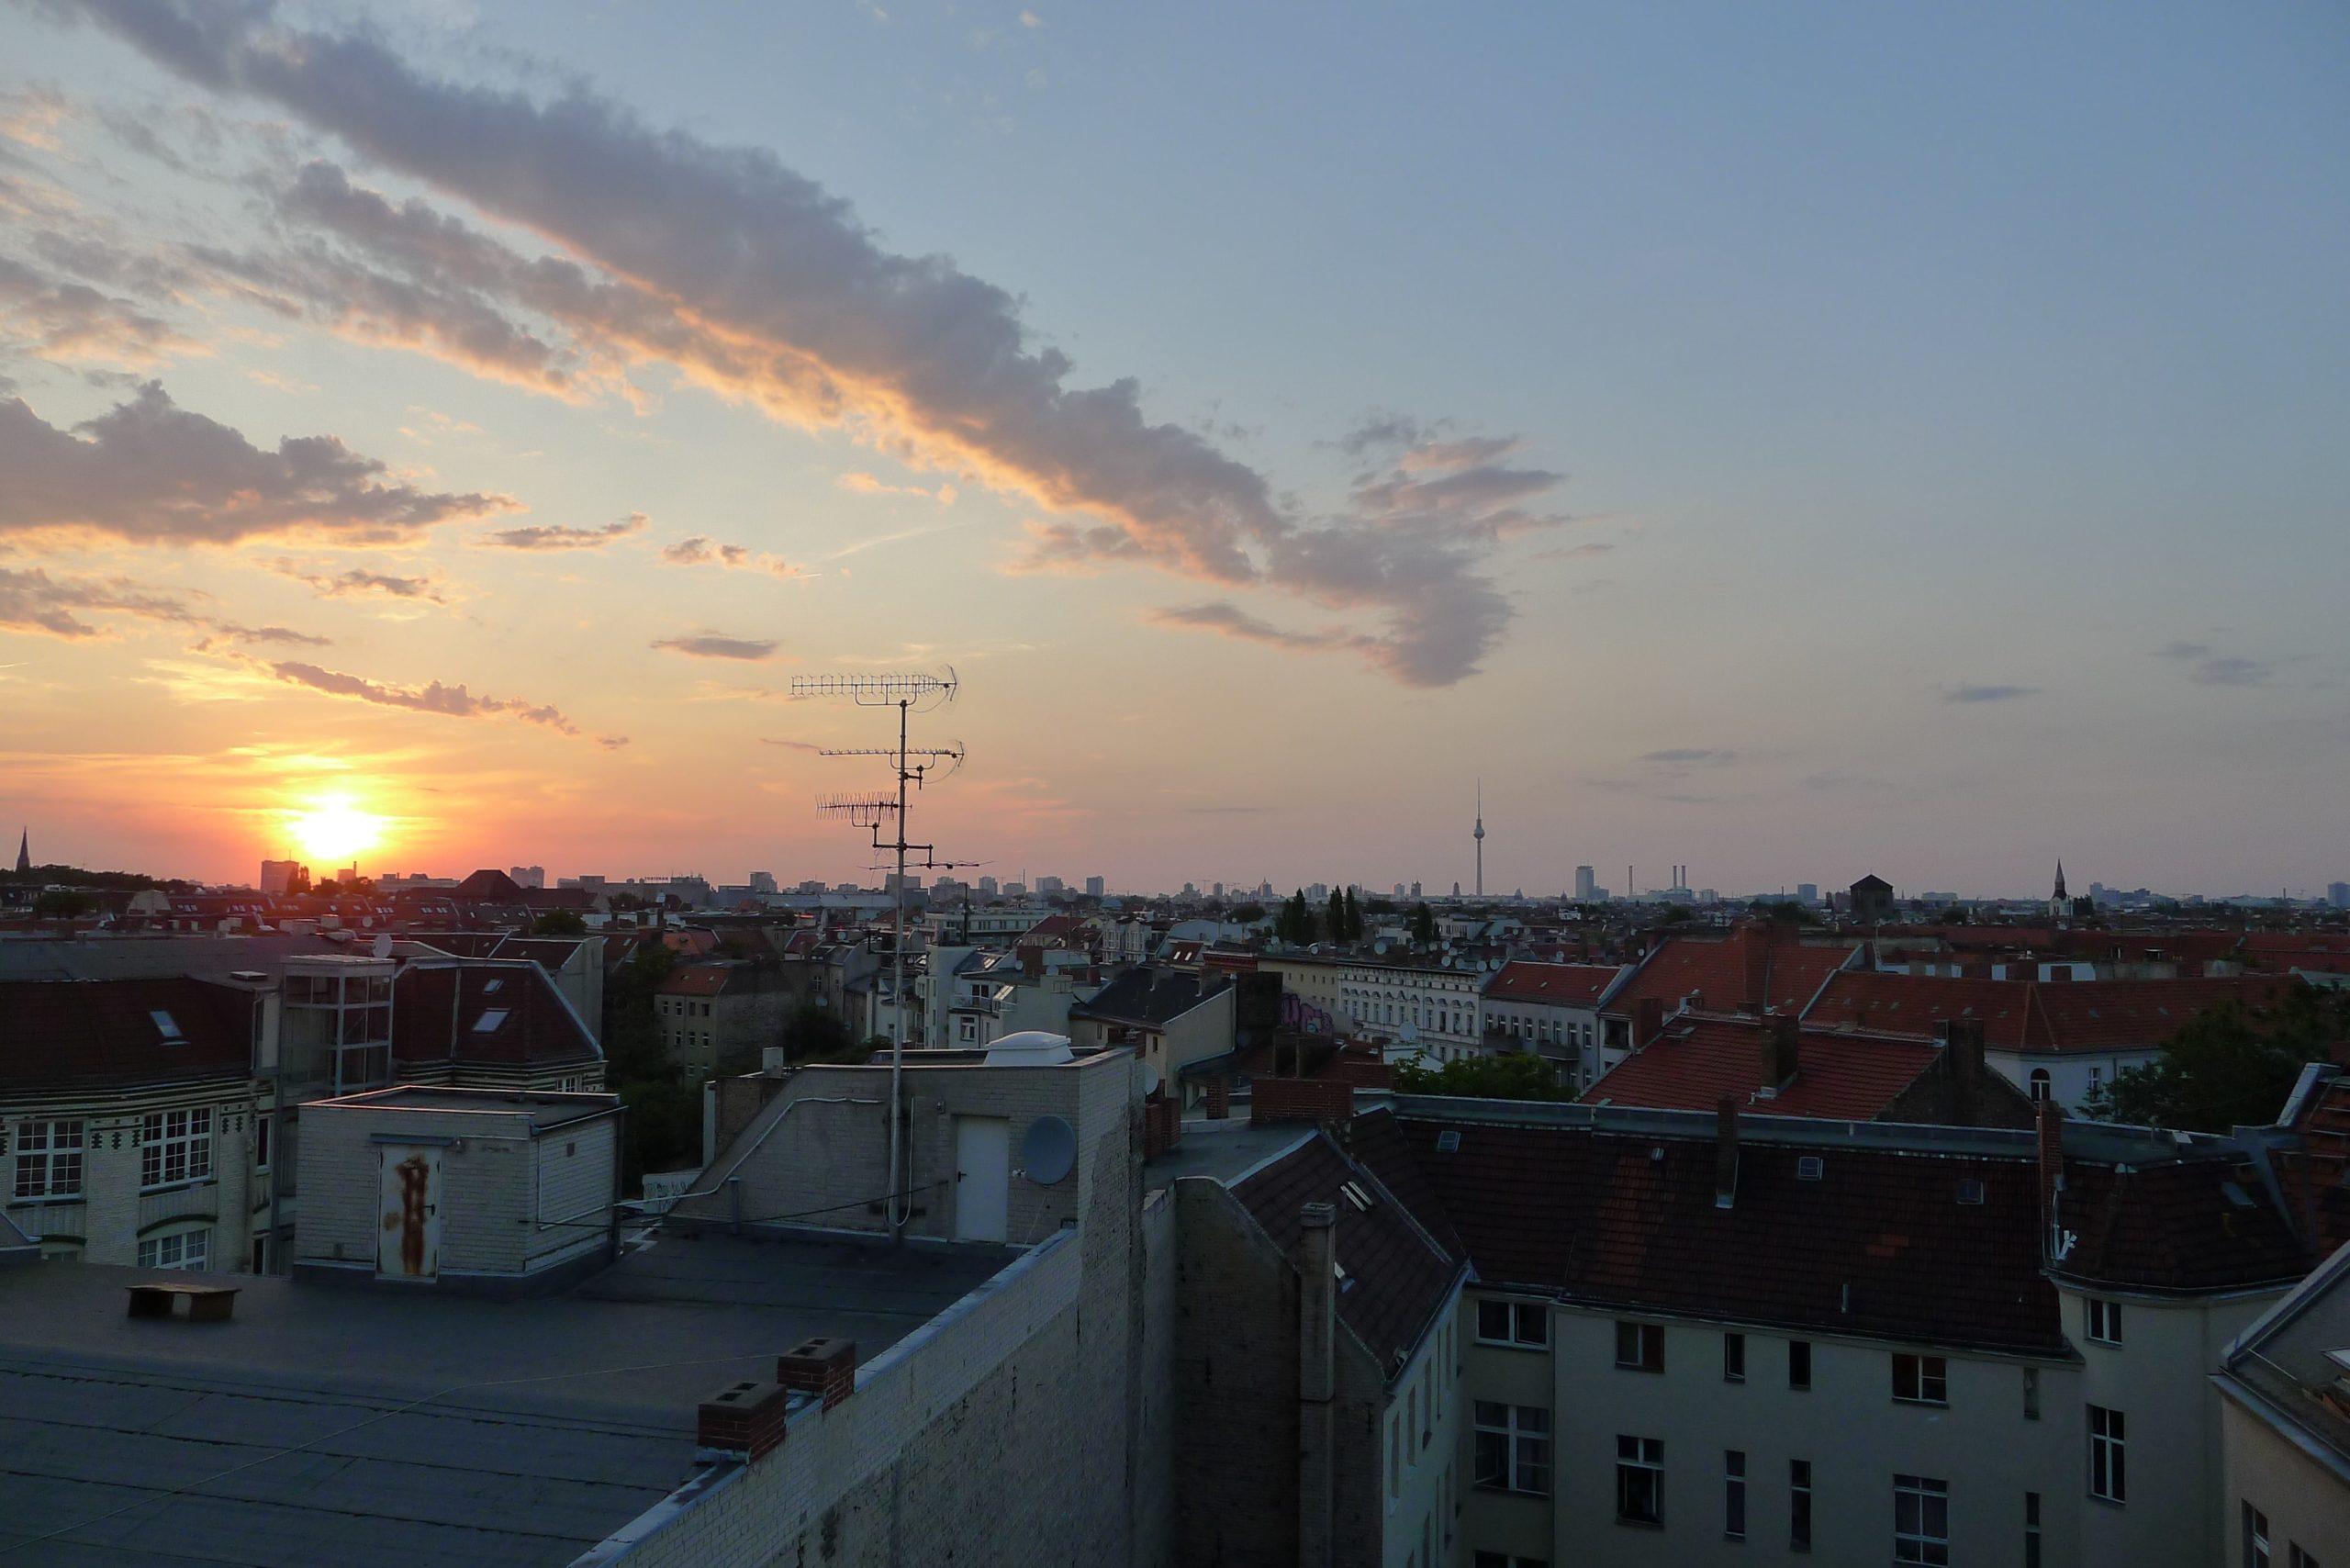 Les meilleurs points de vue panoramiques de Berlin